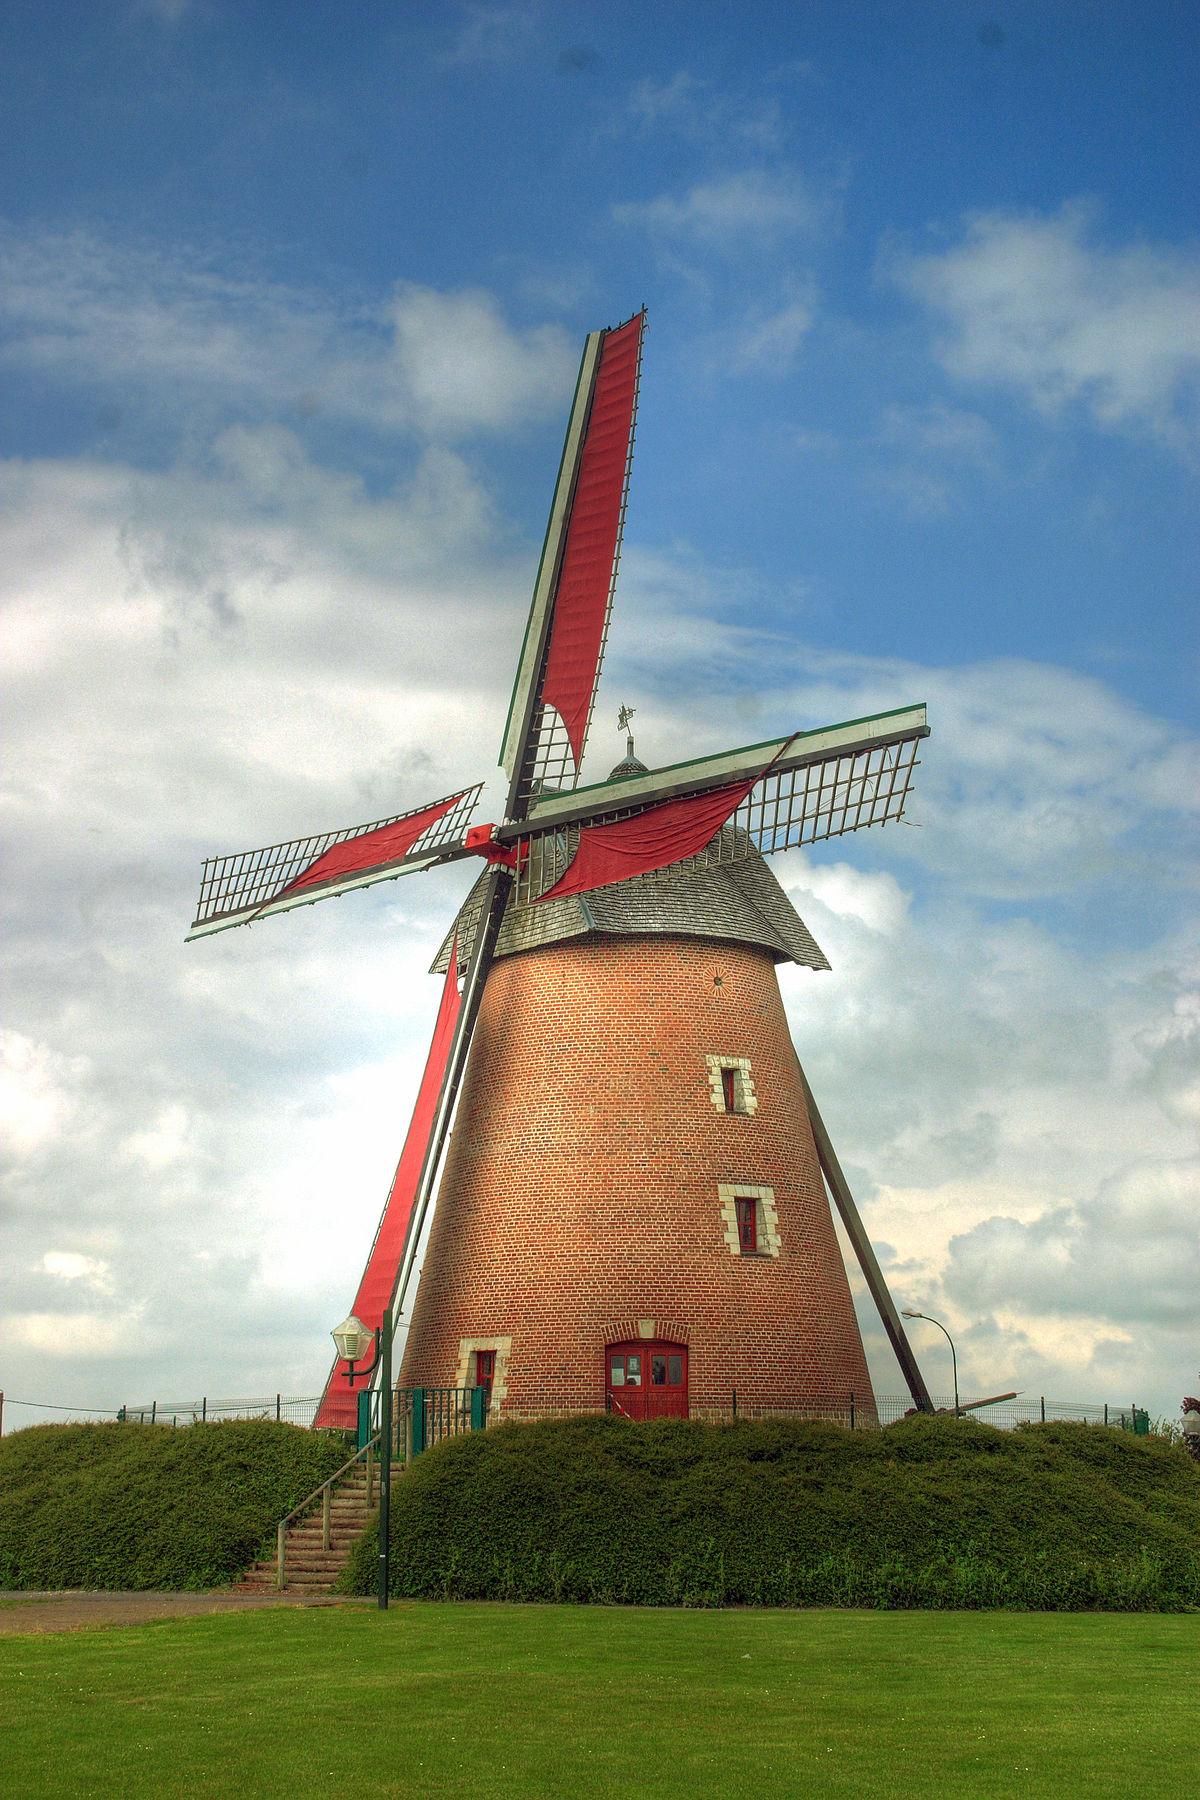 Molino wikipedia la enciclopedia libre for Piscina molino de viento y sombrilla